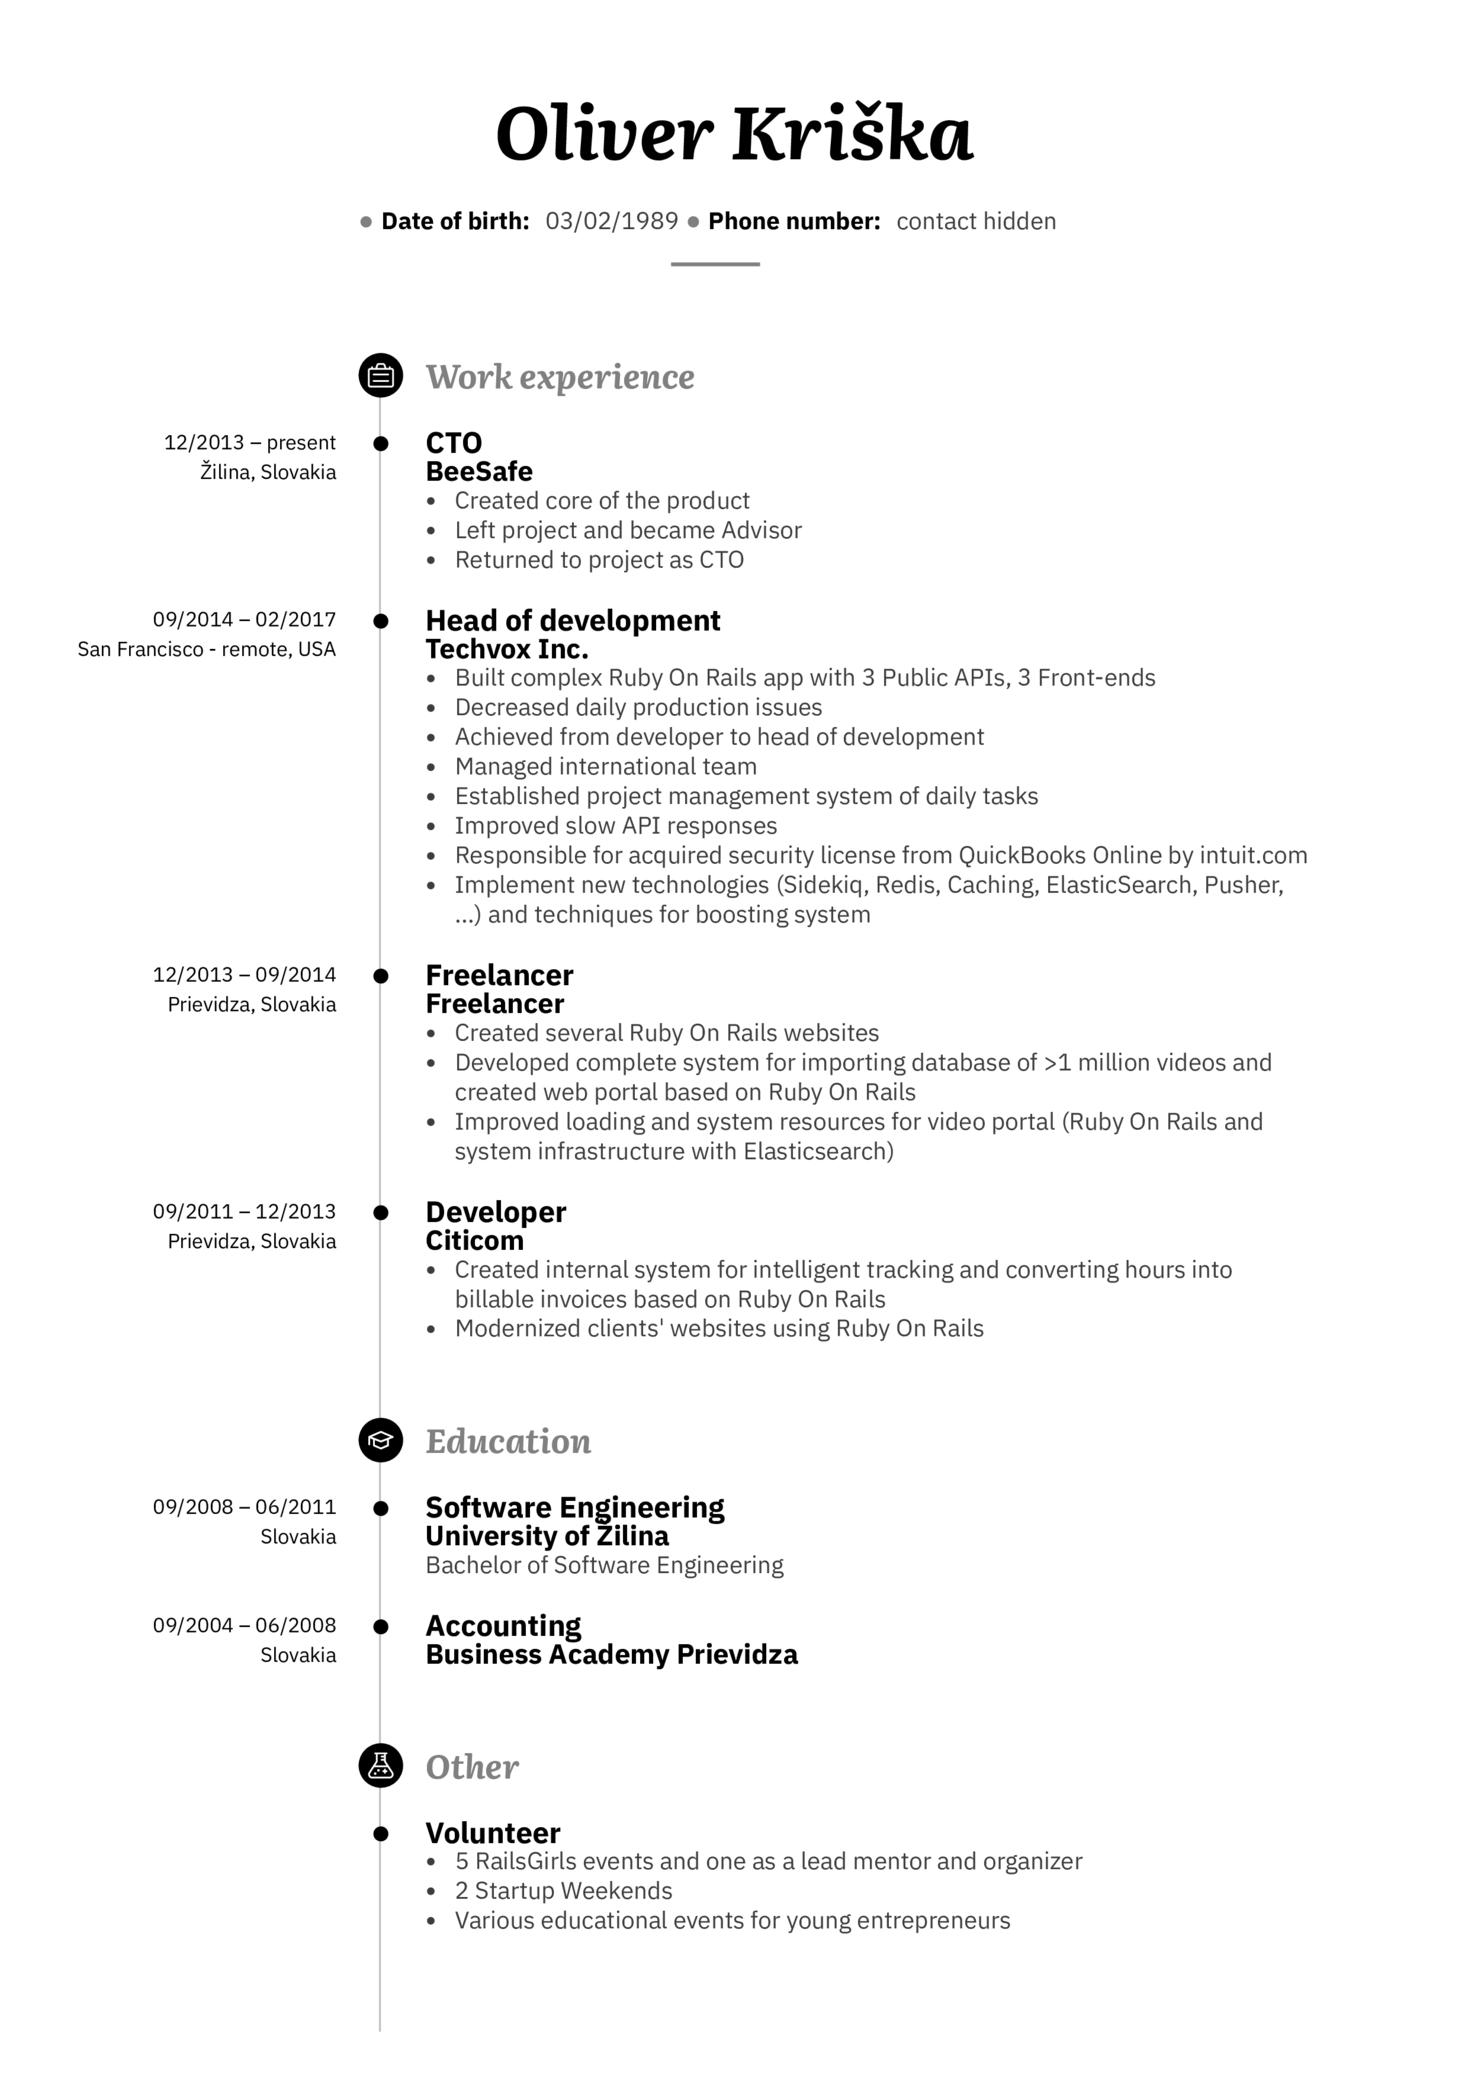 Senior Web Developer Resume Sample (Parte 1)